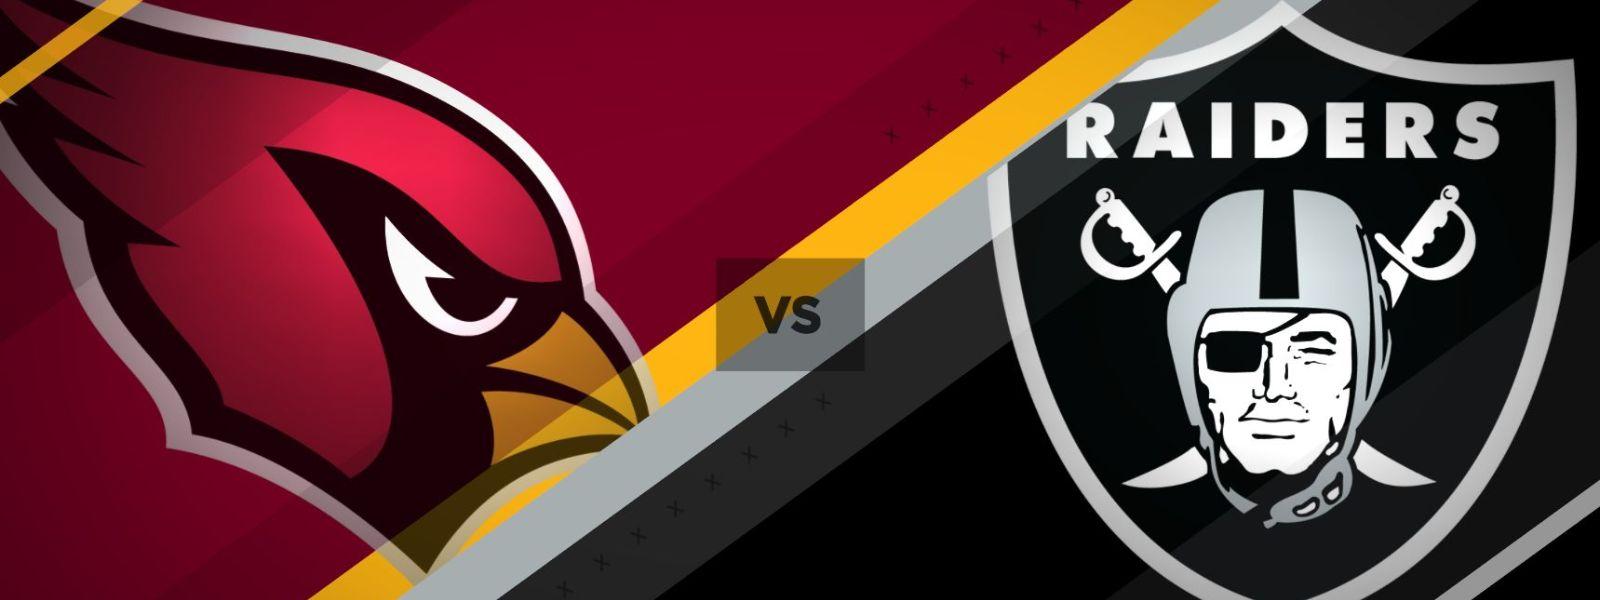 Preseason: Raiders vs. Cardinals